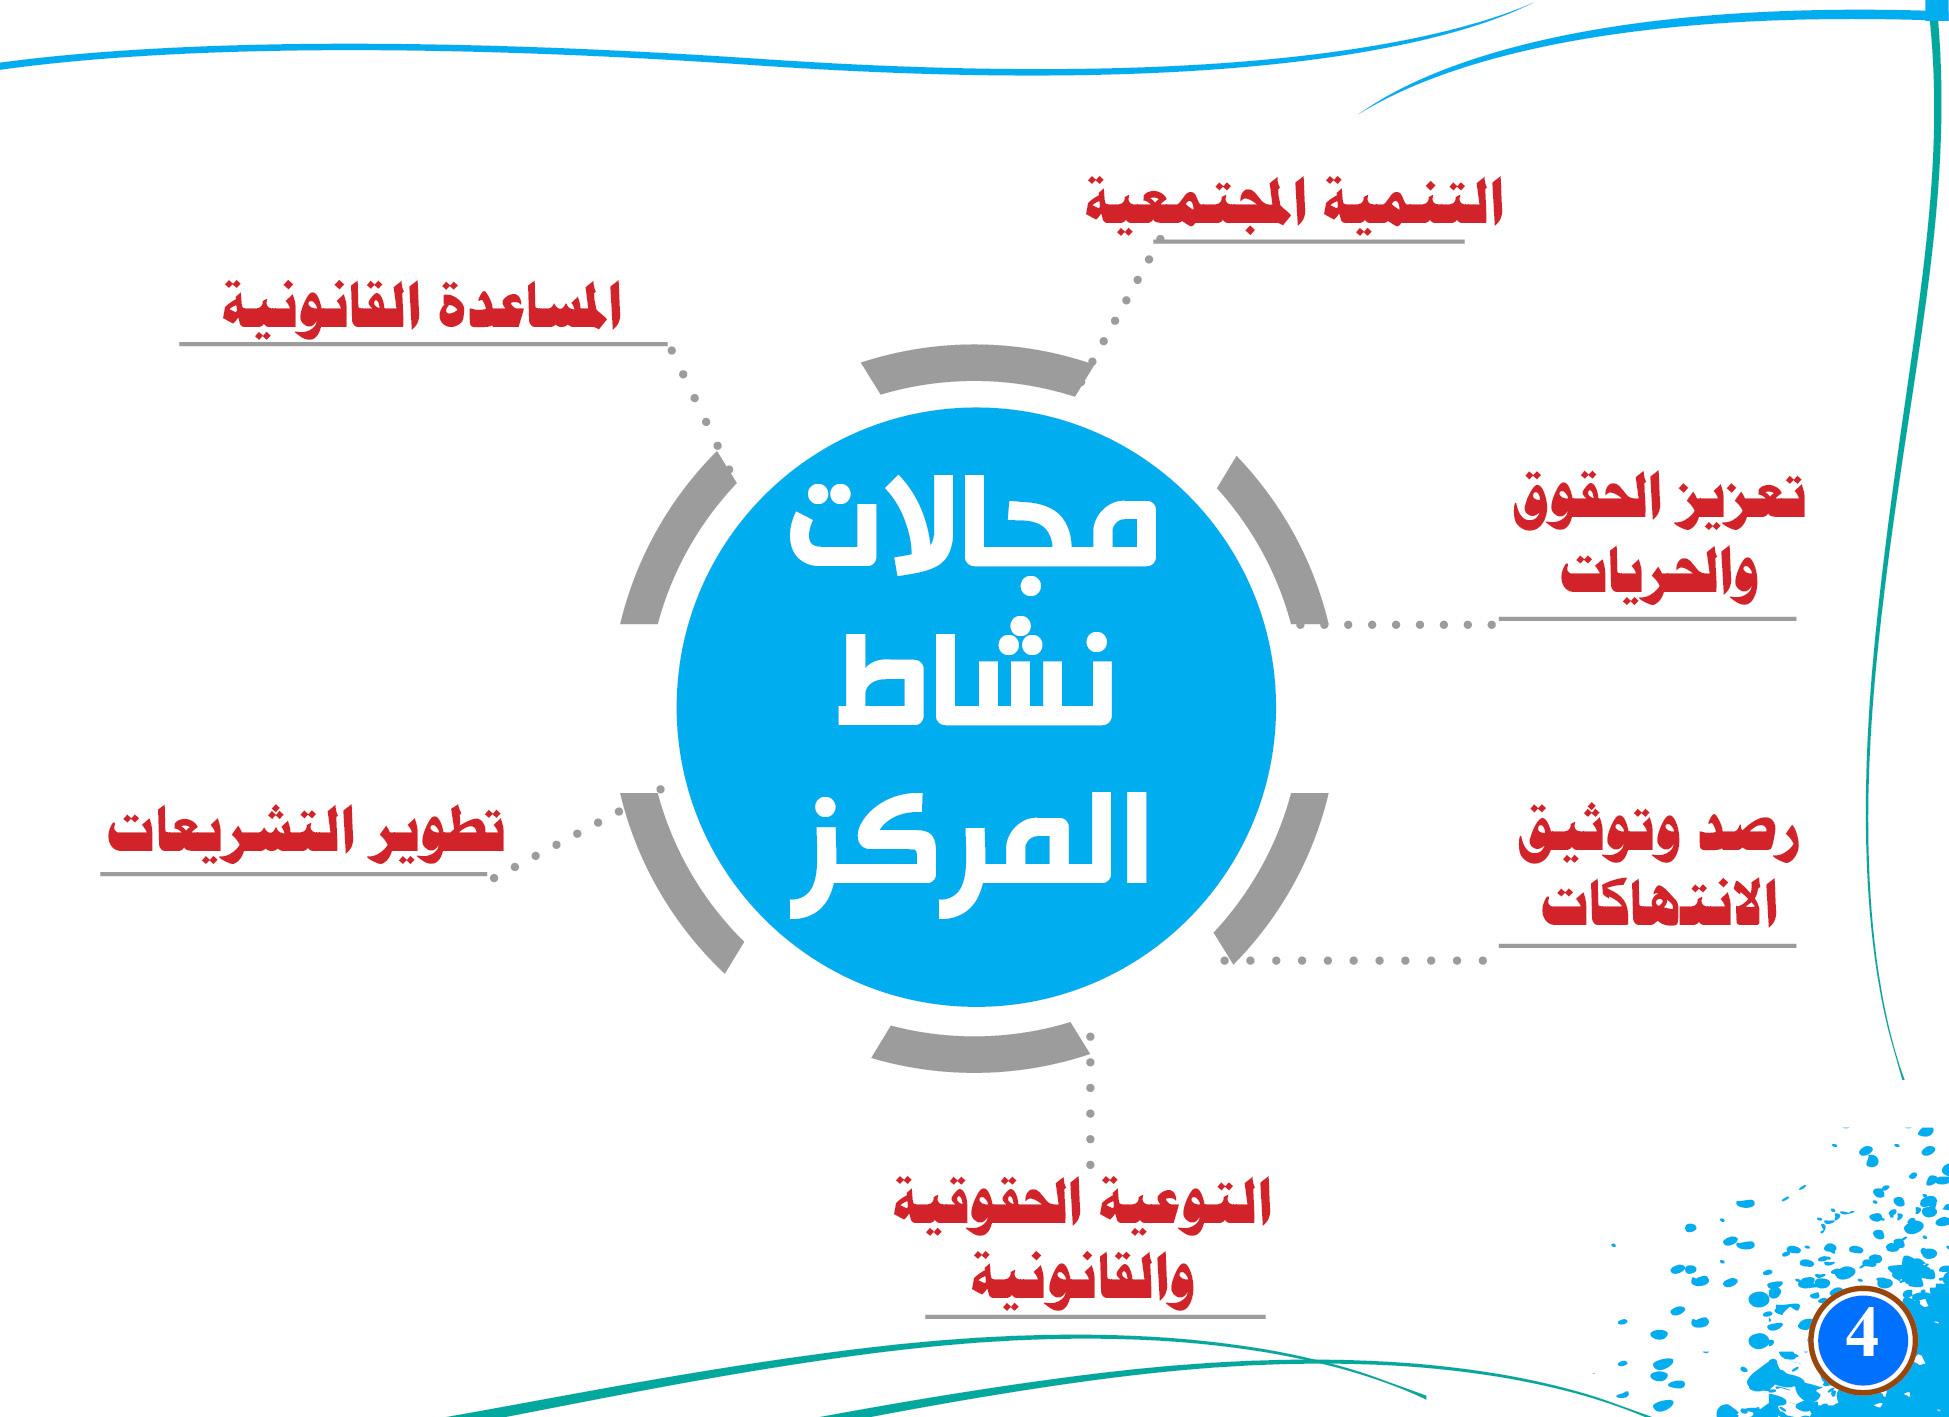 برشور المركز القانوني باللغة العربية4